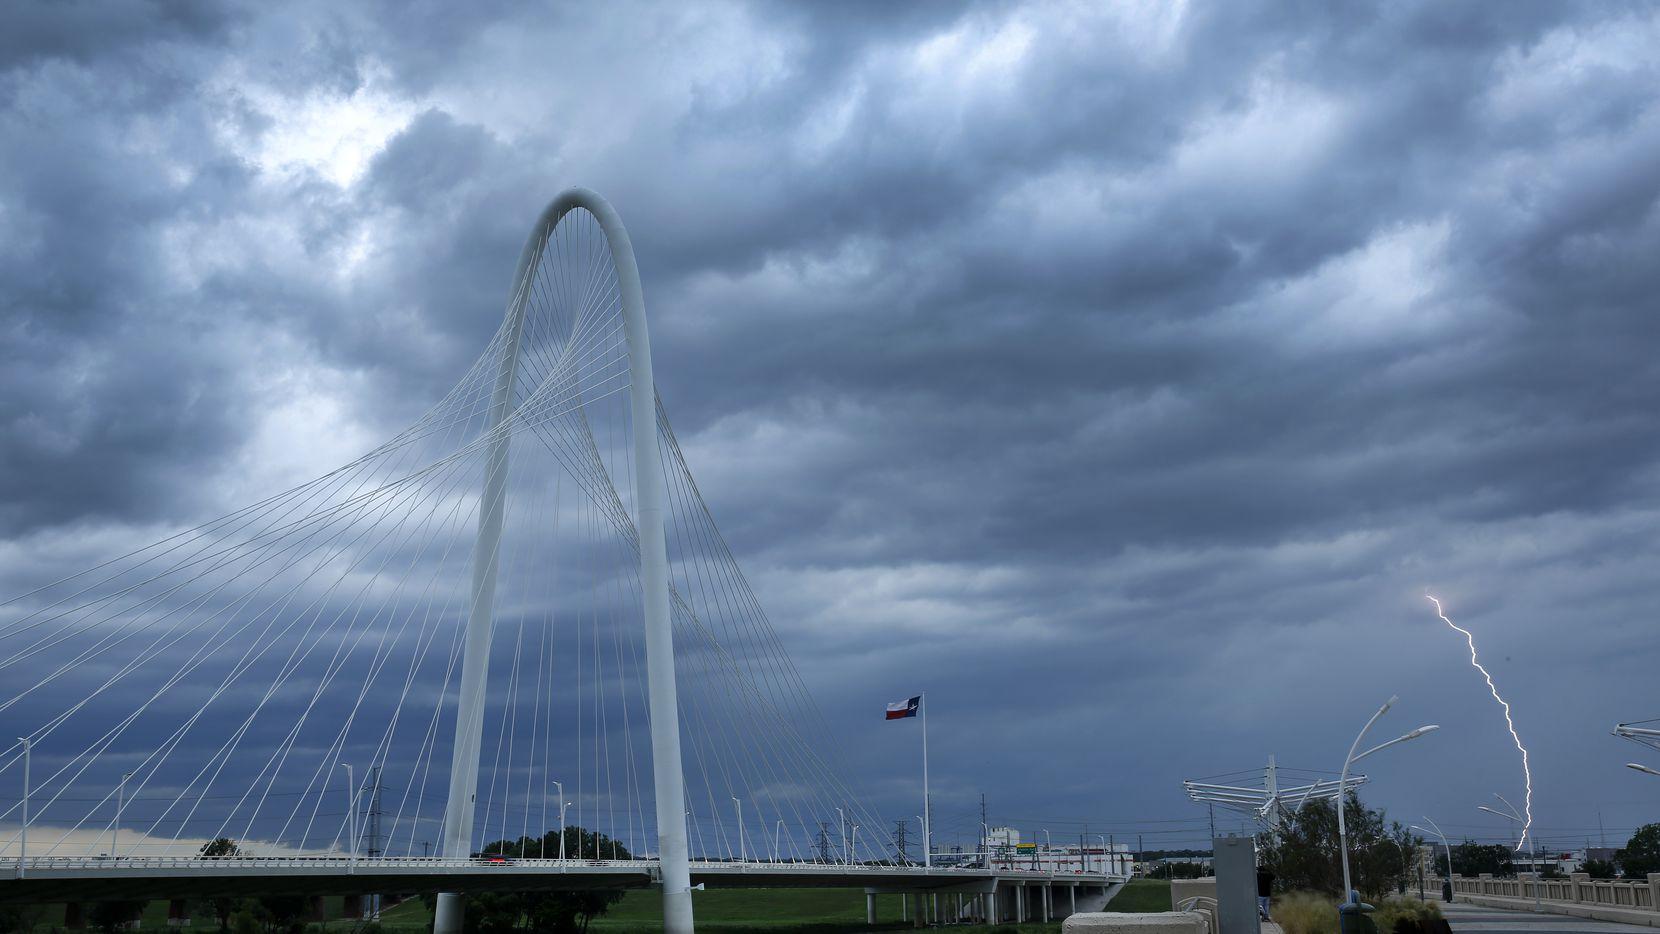 Se espera tormentas aisladas el martes y miércoles en el Norte de Texas.